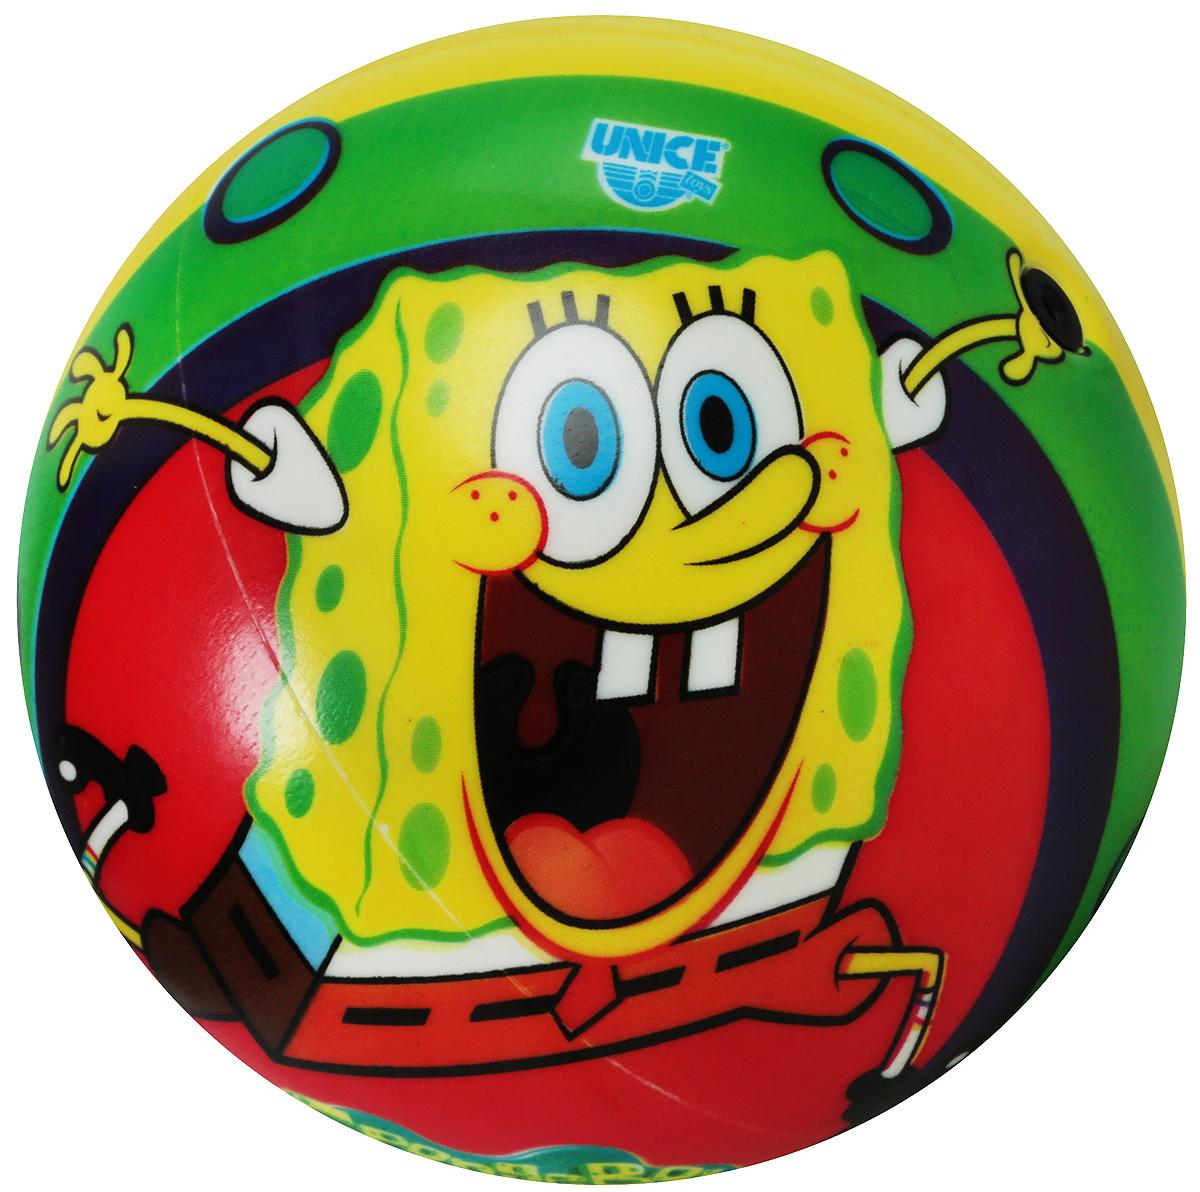 Unice Мяч Губка Боб 15 см unice винкс 15 см